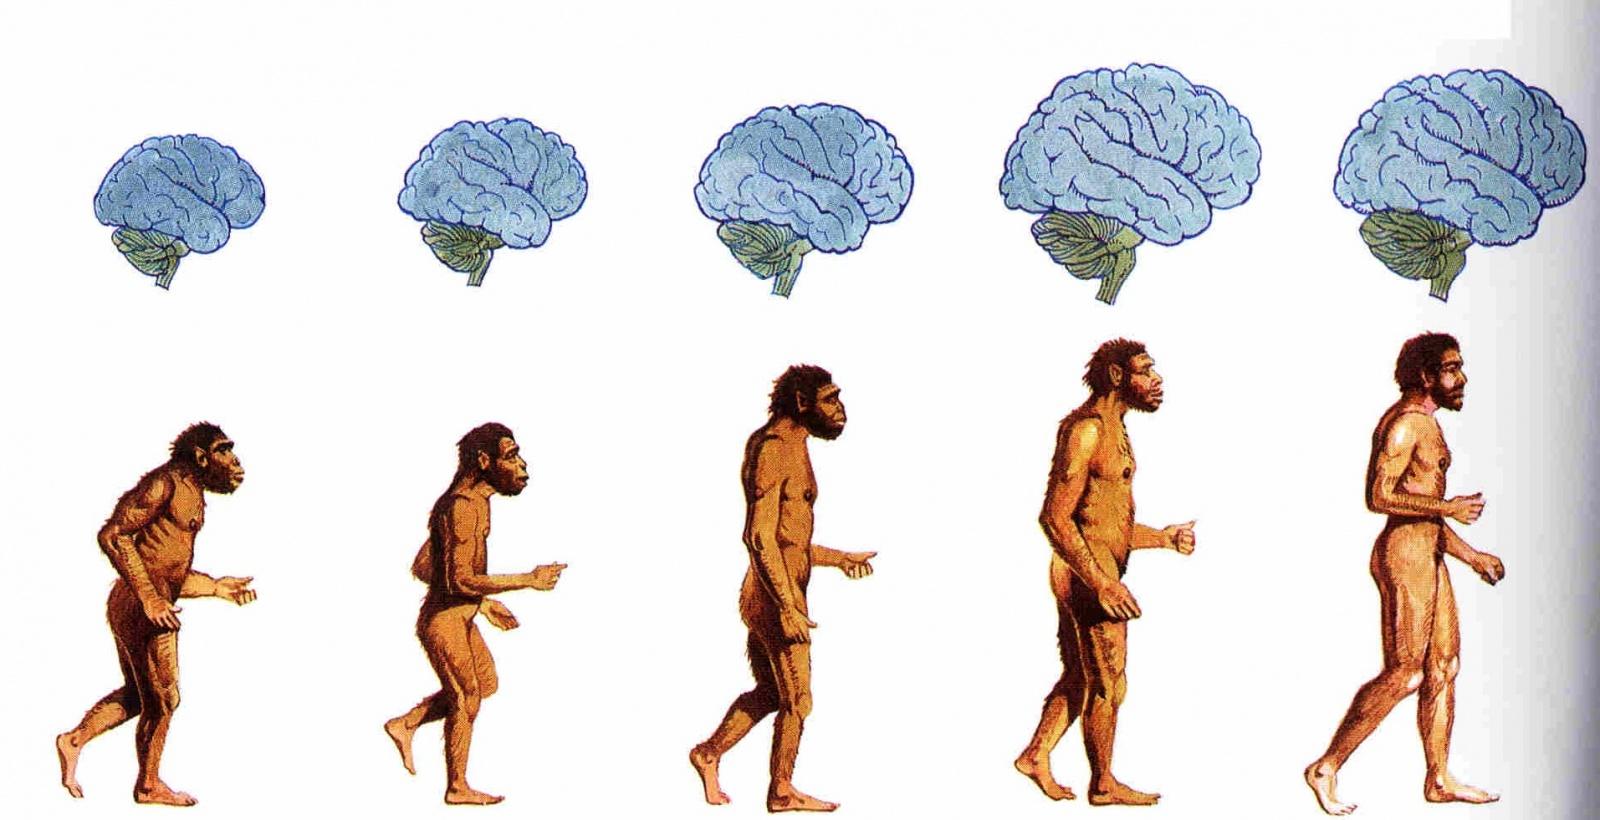 Человеческое сознание. Перенести нельзя скопировать? - 2